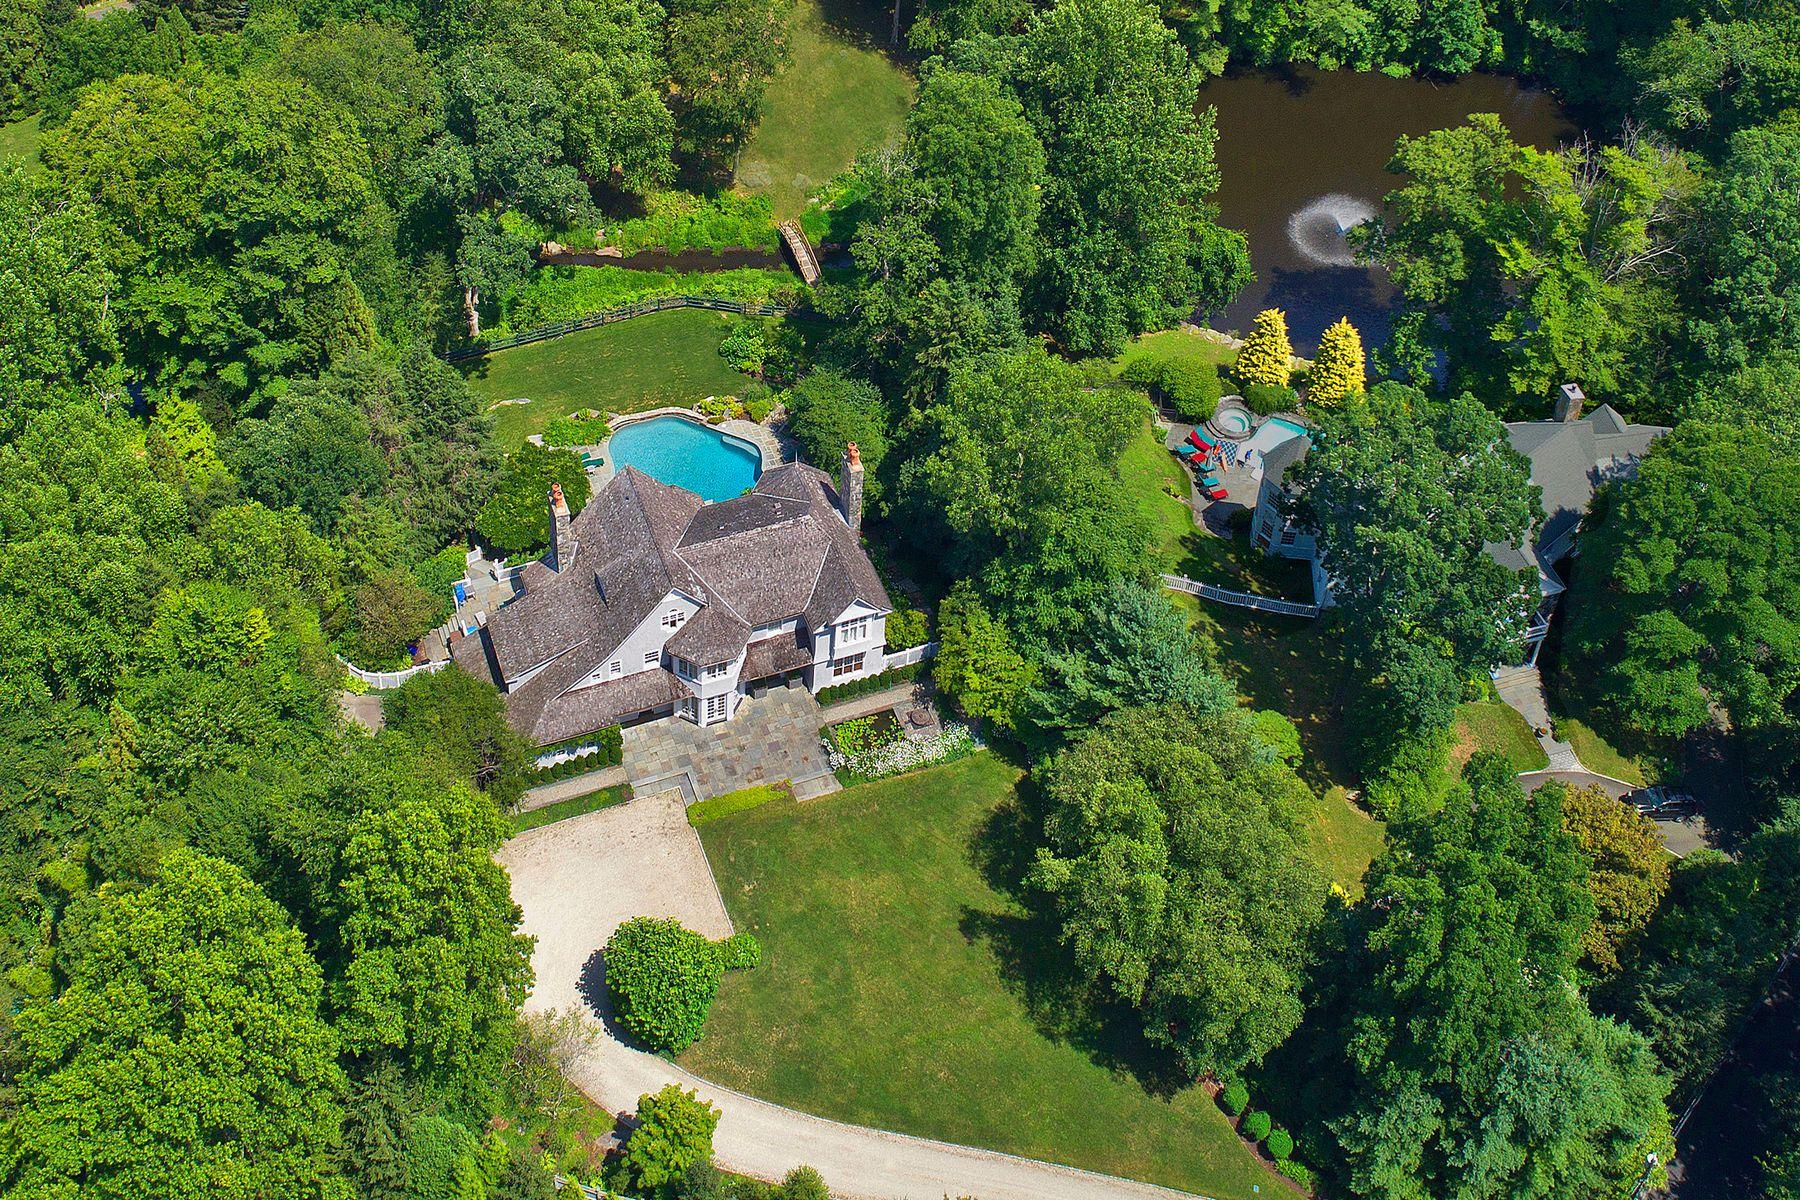 Частный односемейный дом для того Продажа на 11 Laurel Lane South Of Parkway, Greenwich, Коннектикут, 06830 Соединенные Штаты